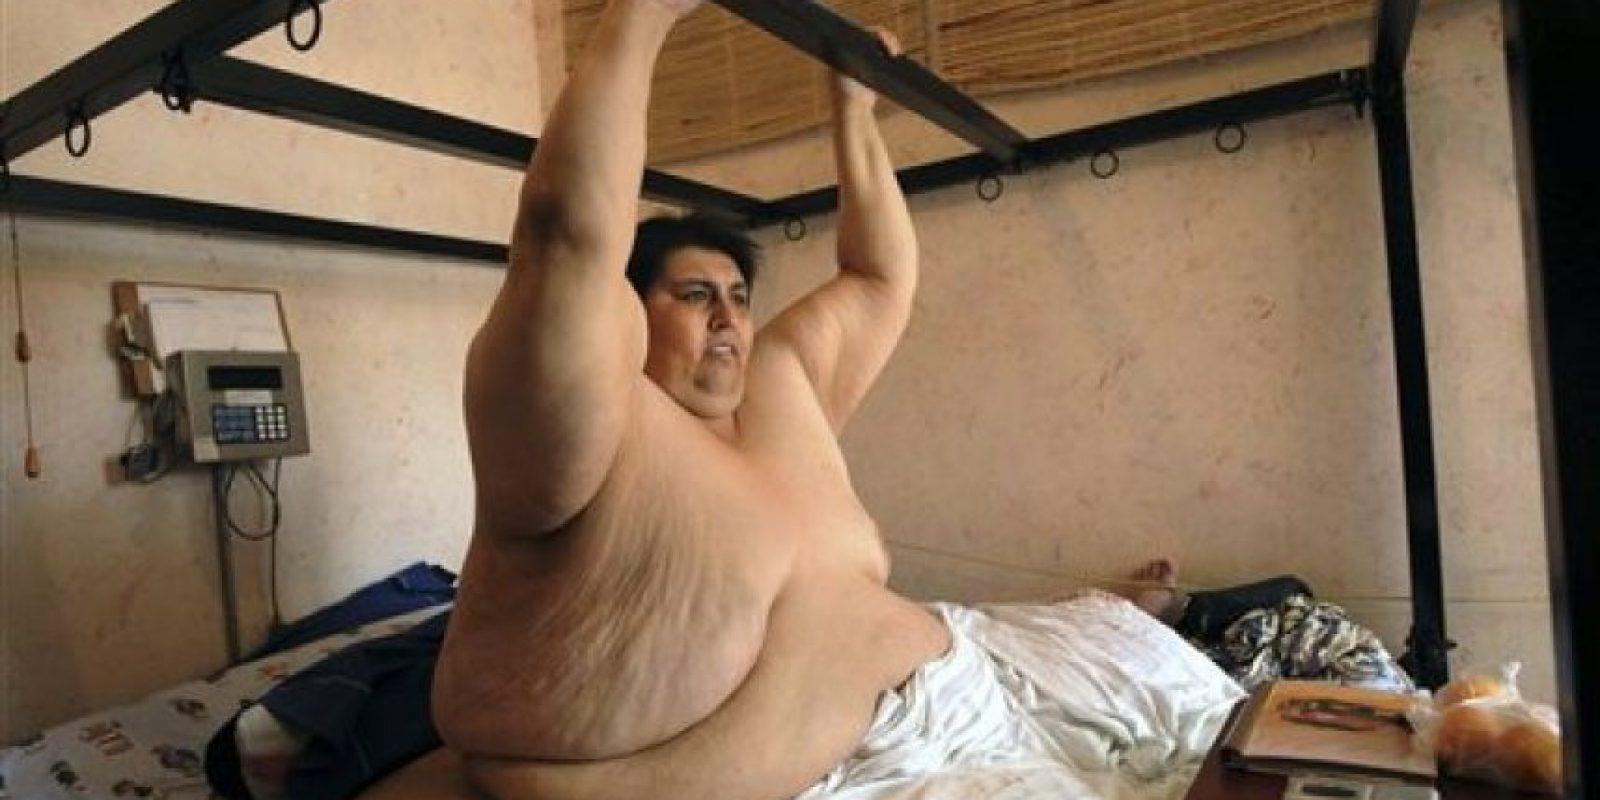 Худой парень ебет толстую жопу, Толстый мужик ебёт девчонку (видео) 16 фотография